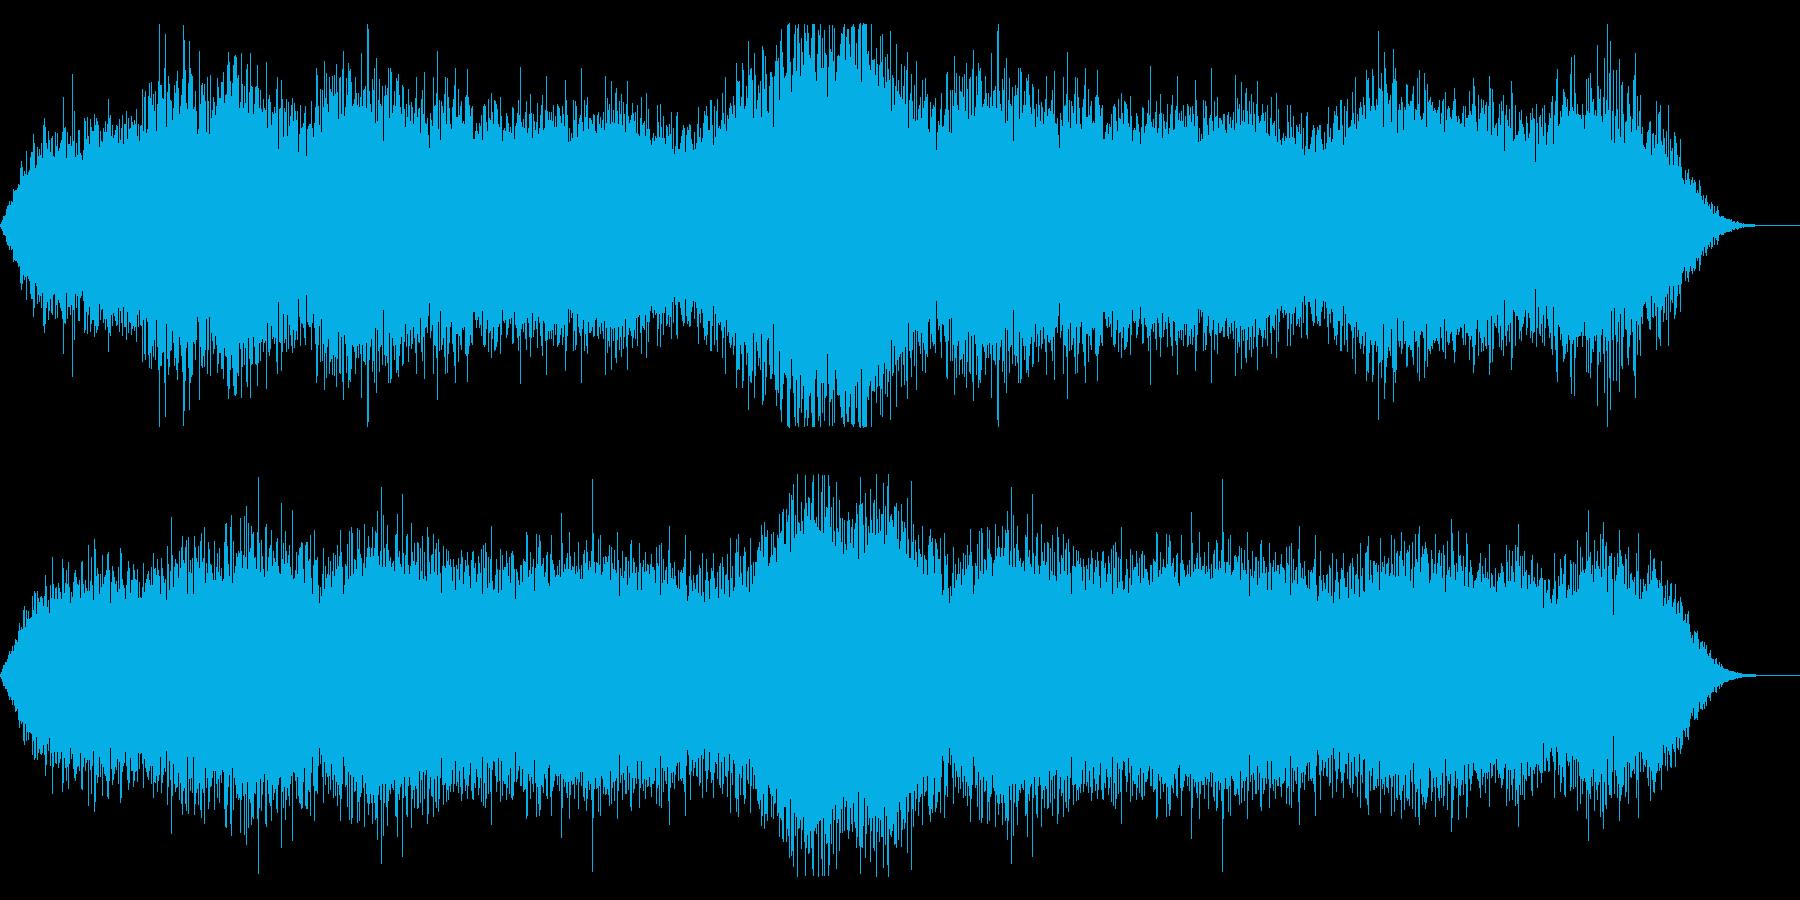 Dark_ホラーで怪しく神秘的-23_Lの再生済みの波形